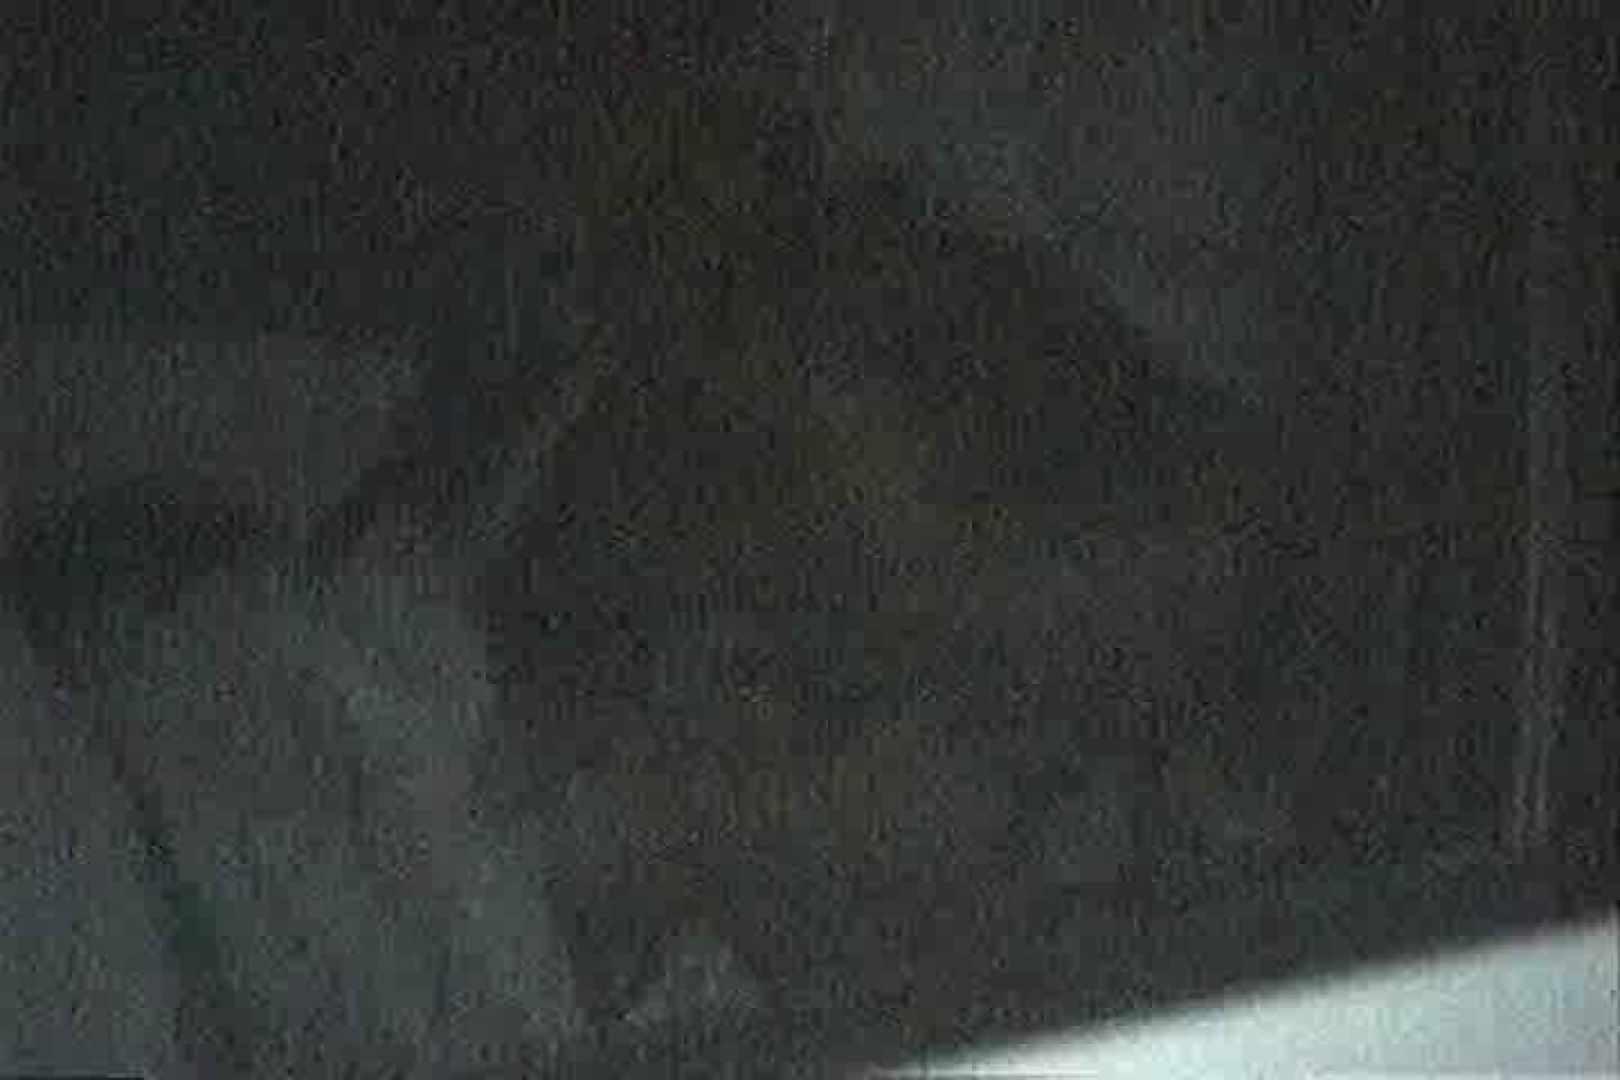 充血監督の深夜の運動会Vol.154 カップル | OLセックス  67画像 55